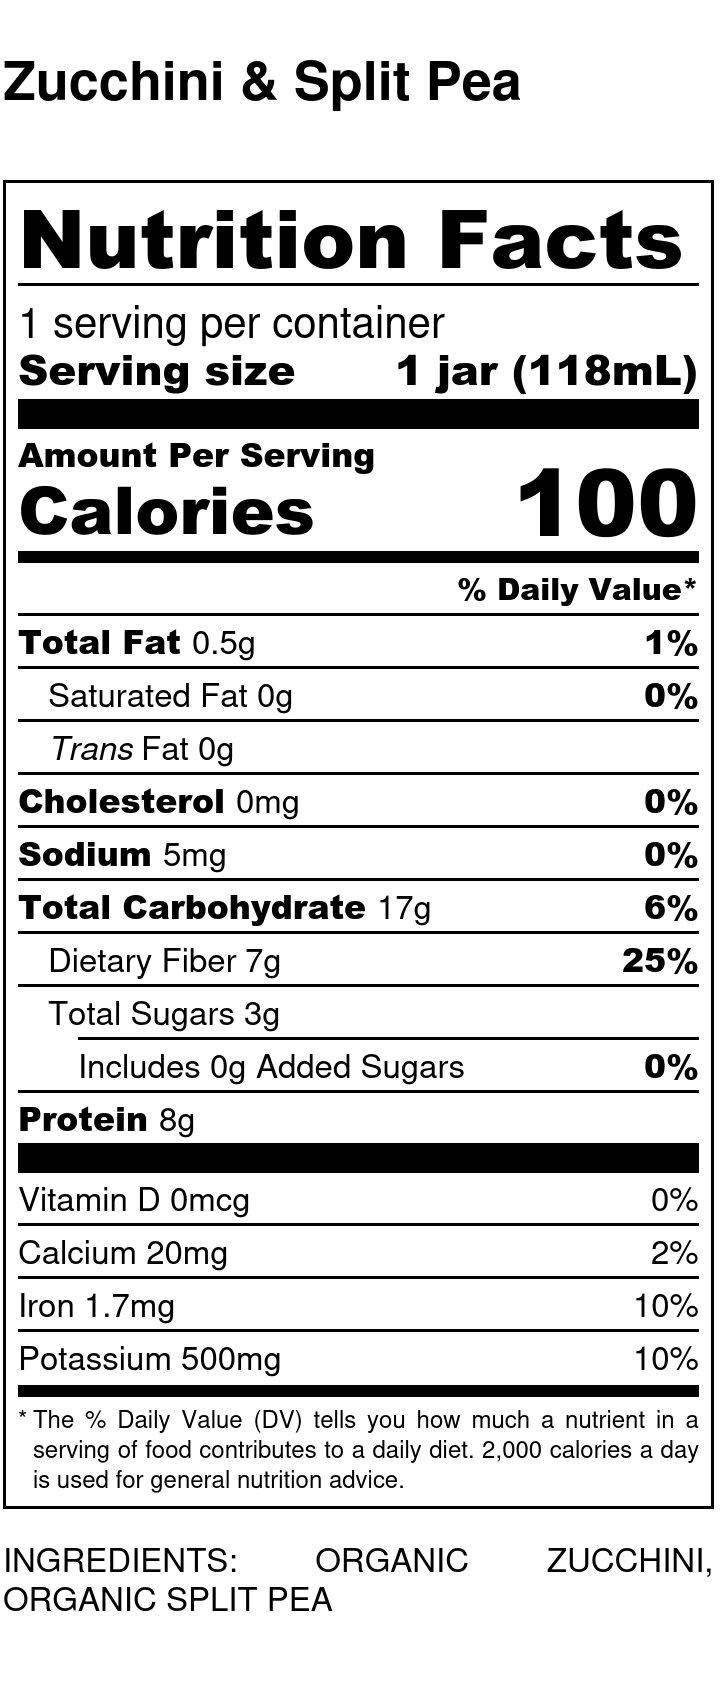 Yumi Zucchini & Split Pea nutrition facts